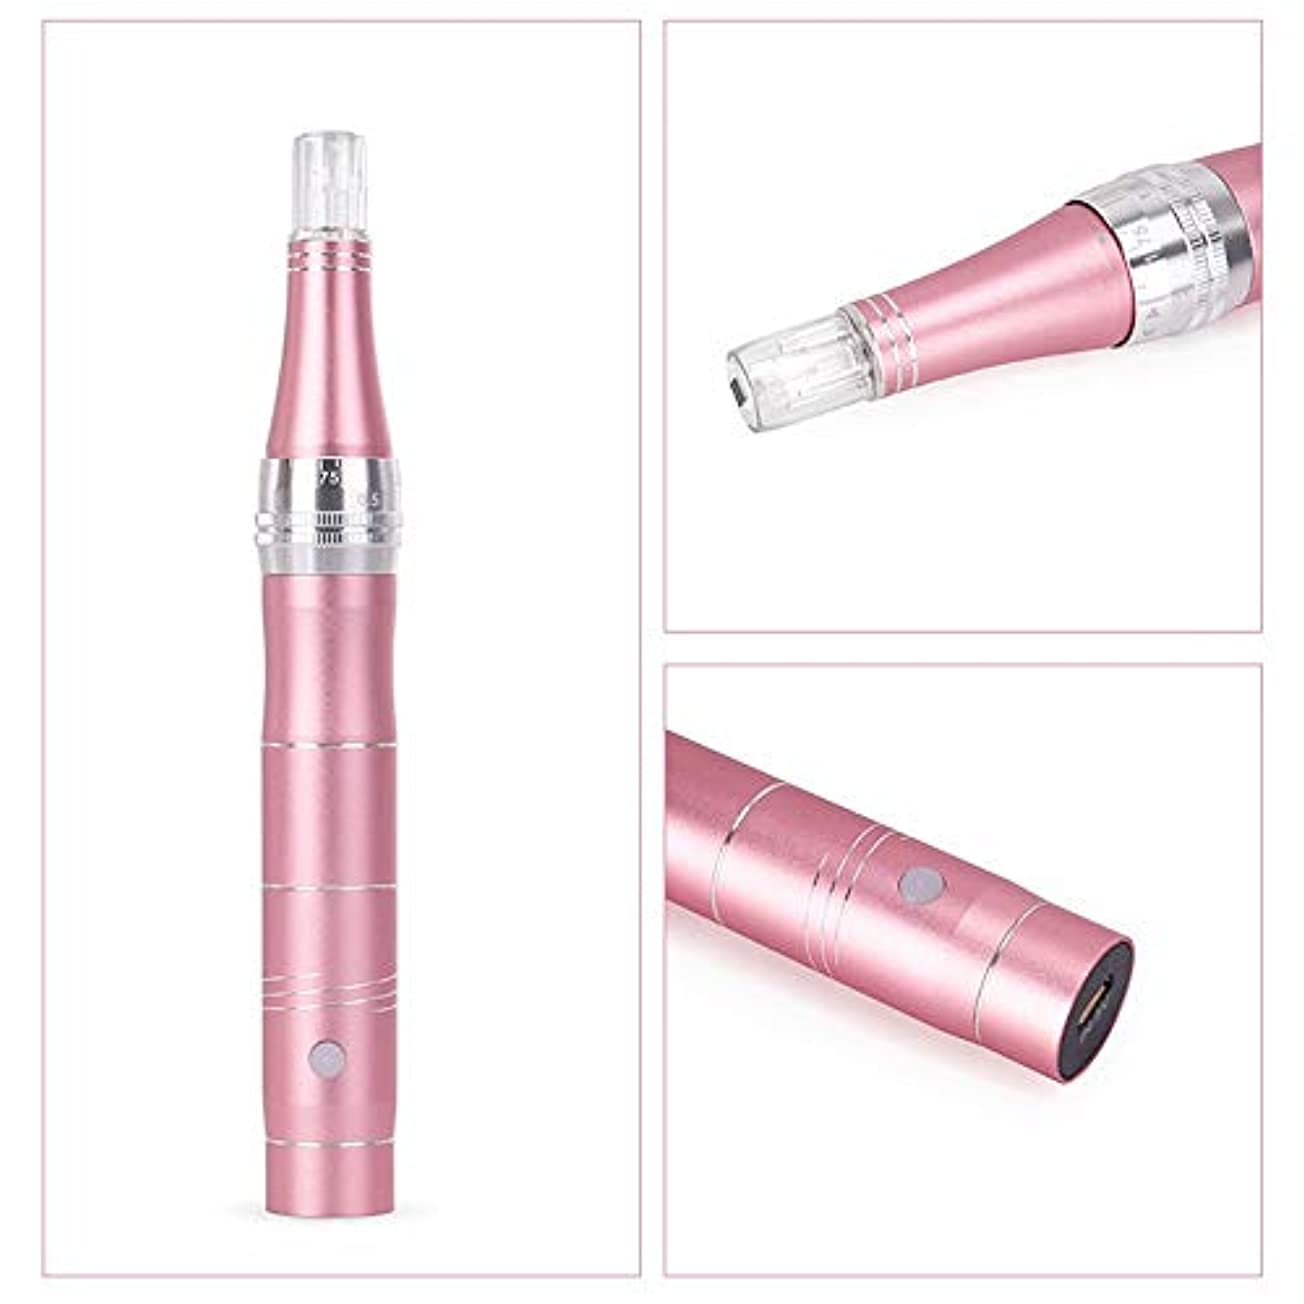 ハウジング消毒剤炭素ペン美容機器?エレクトリックアンチエイジングスキン治療装置のしわ、肌引き締め、肌の再生がくまを排除リンクルストレッチマークスカー抜け毛つや消し材料 (Color : Rose gold)